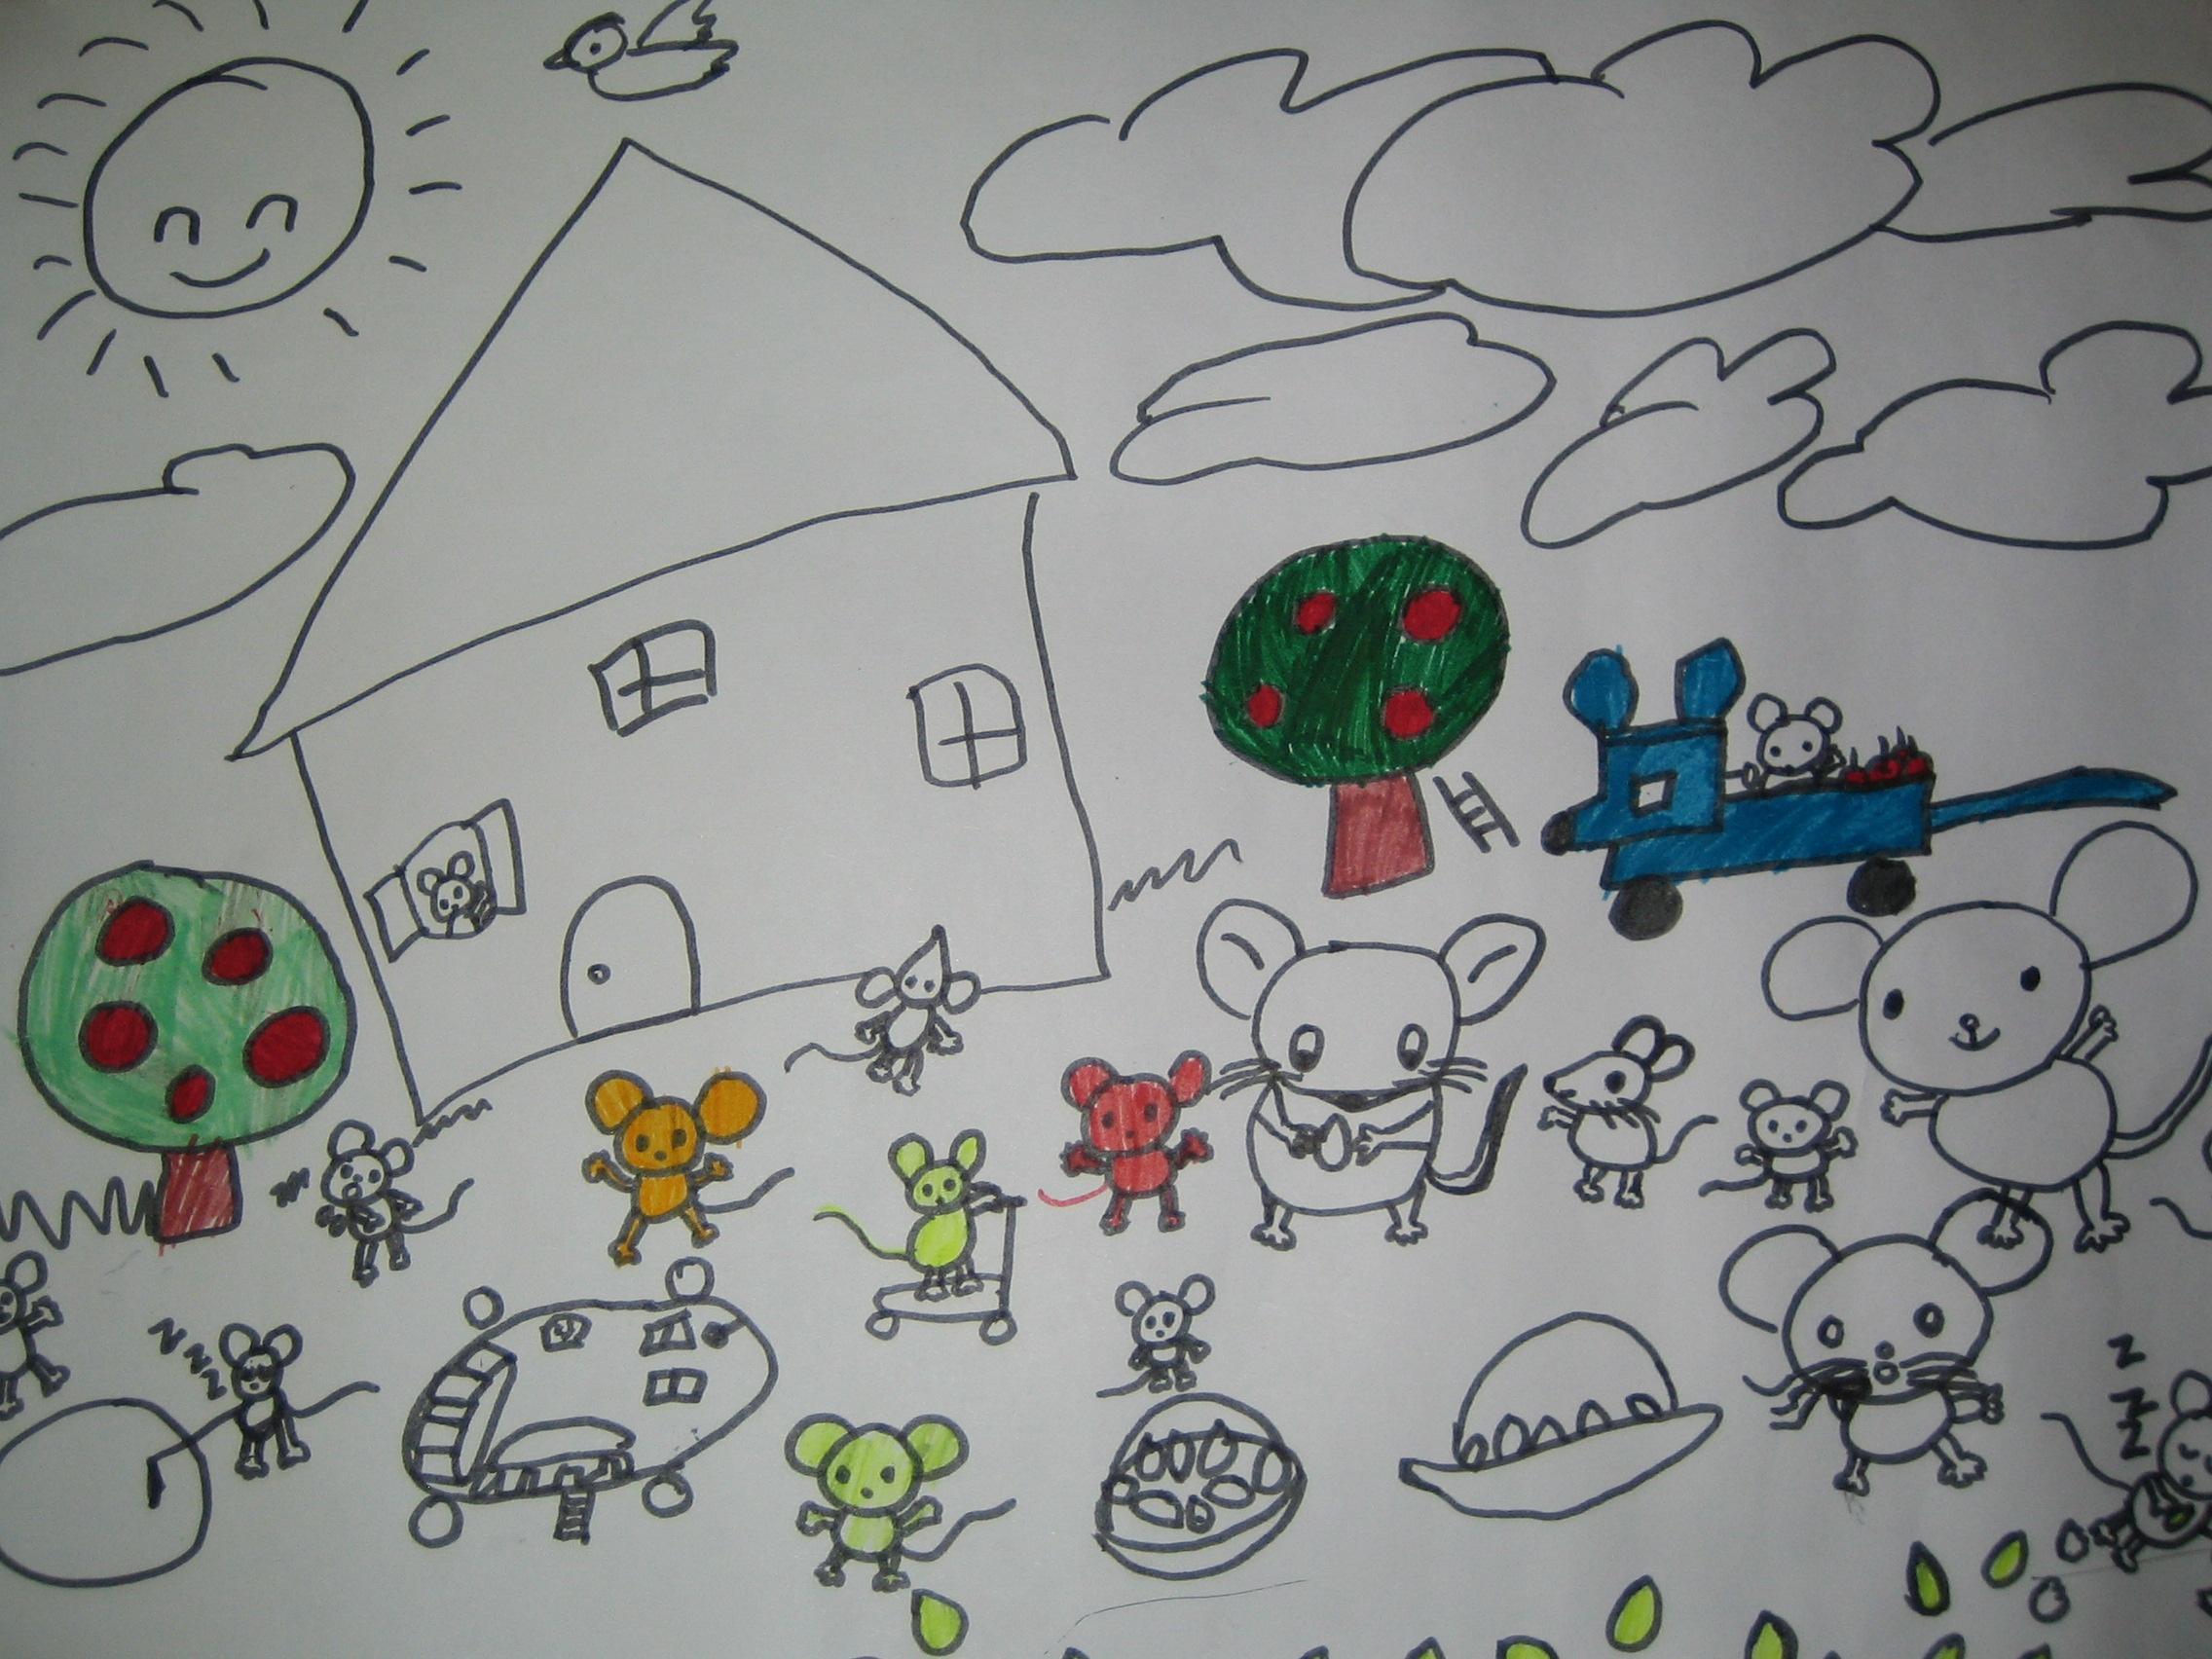 6岁孩子的绘画作品:《老鼠的家园》图片